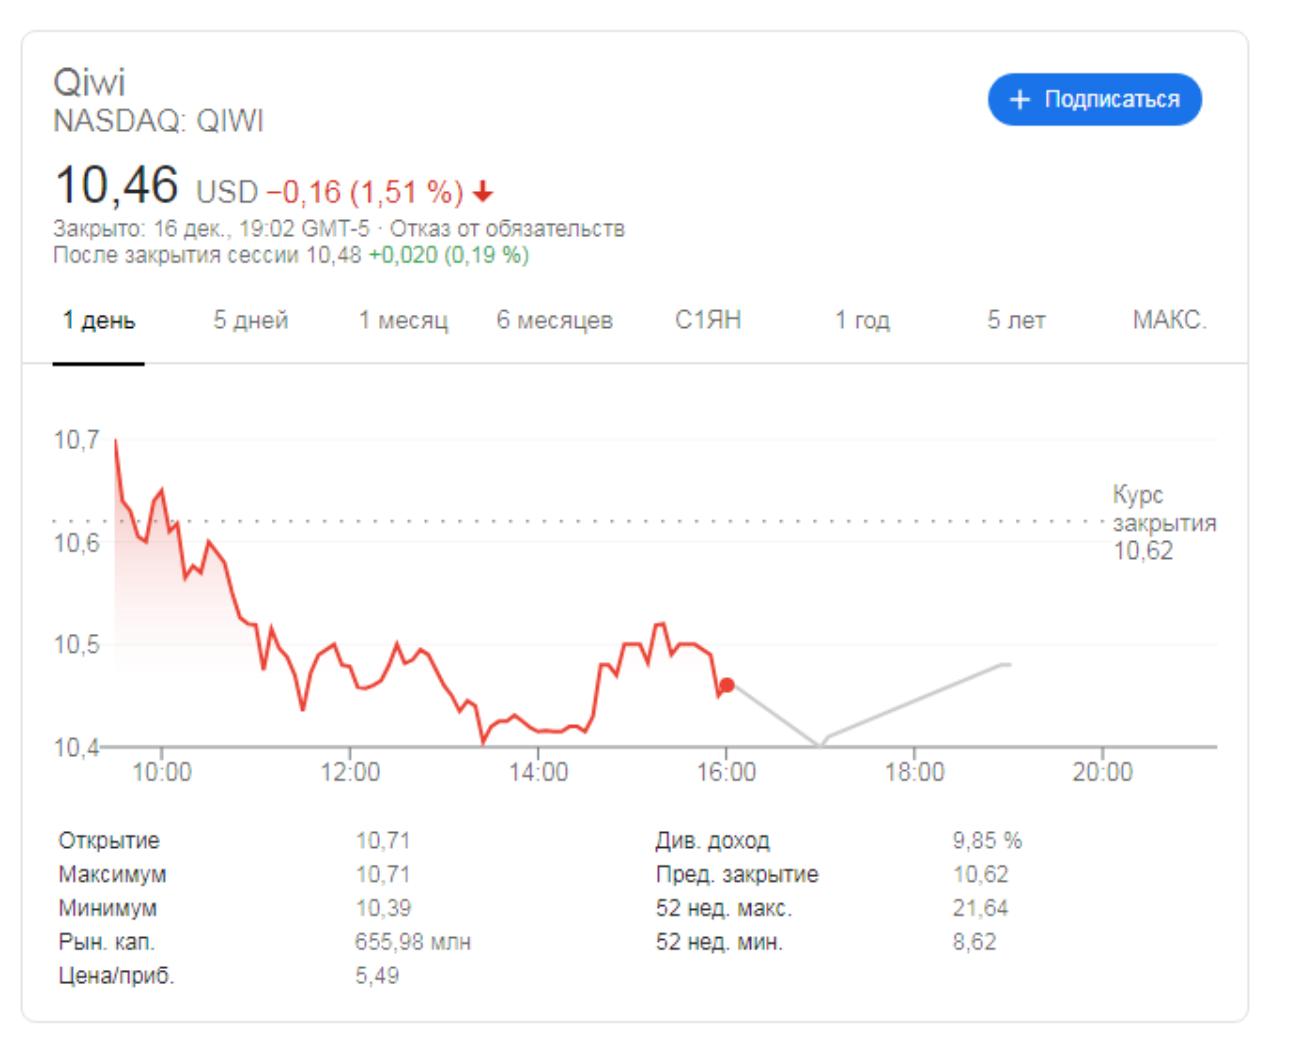 Американская юрфирма Rosen подала коллективный иск против Qiwi из-за падения акций после штрафа от ЦБ